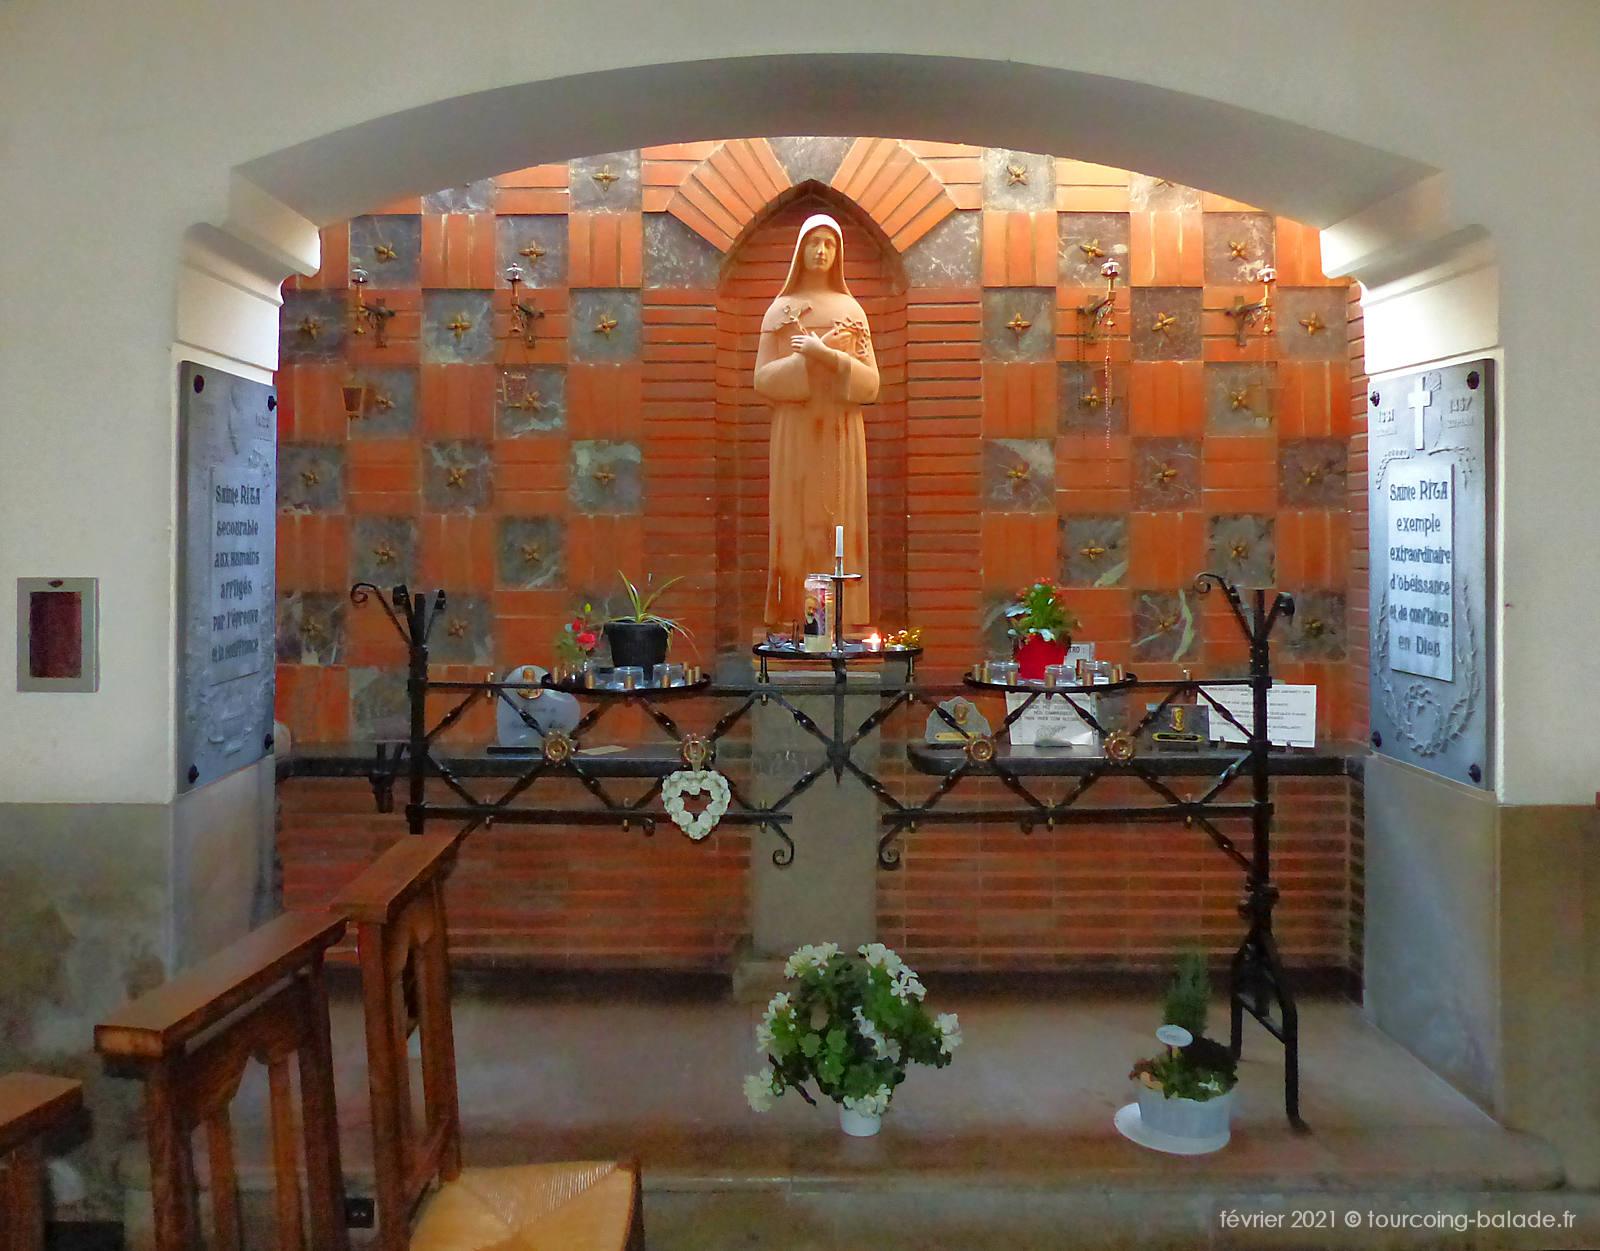 Sainte Rita, Église Notre-Dame de Consolation, Tourcoing